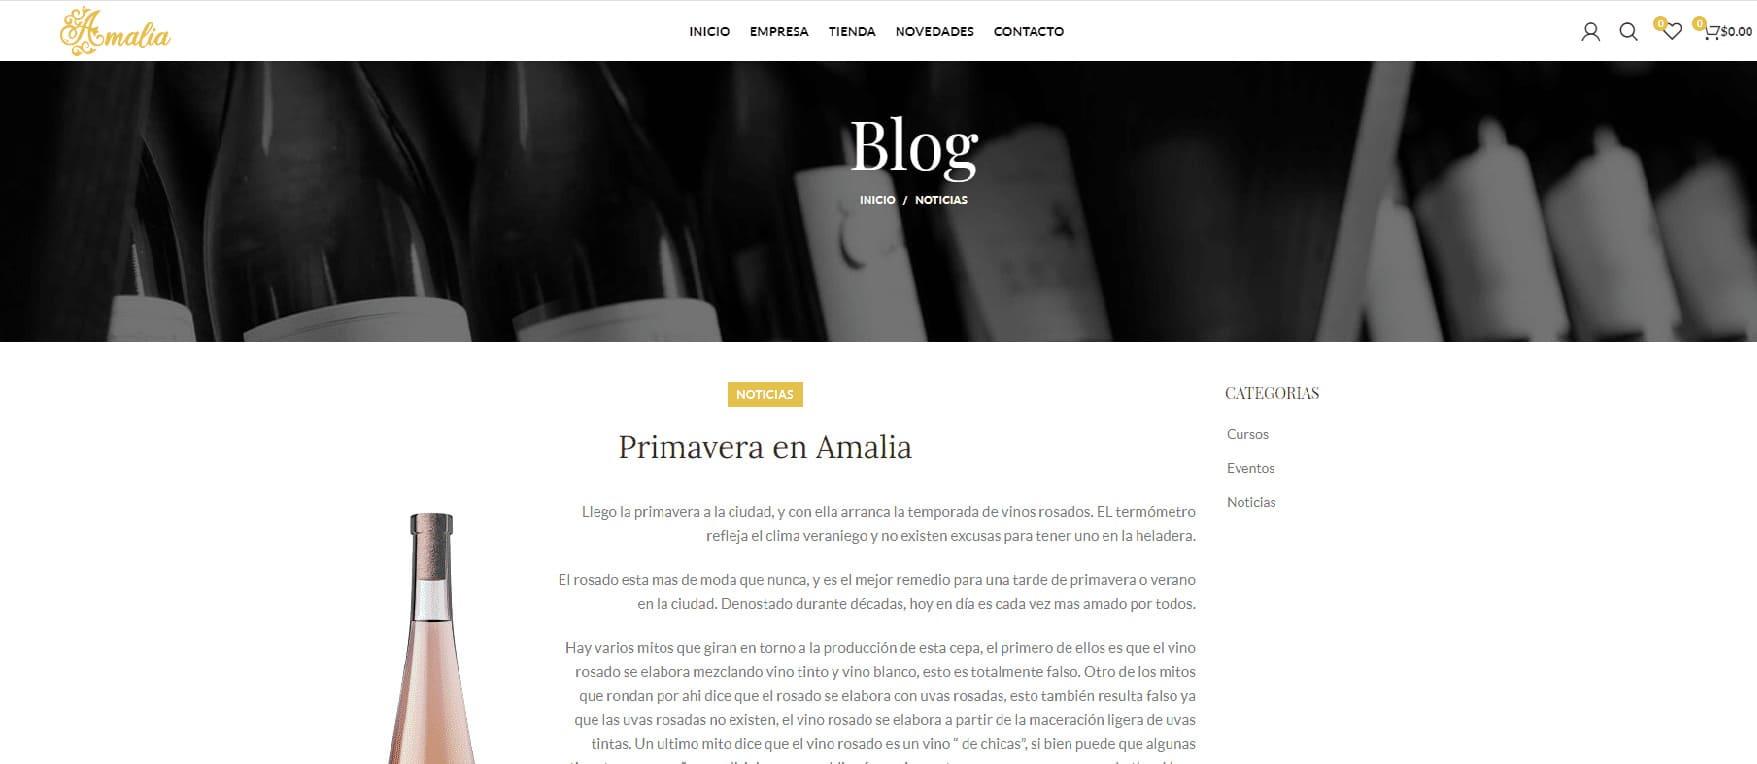 BEMGMT-Blog-30620203